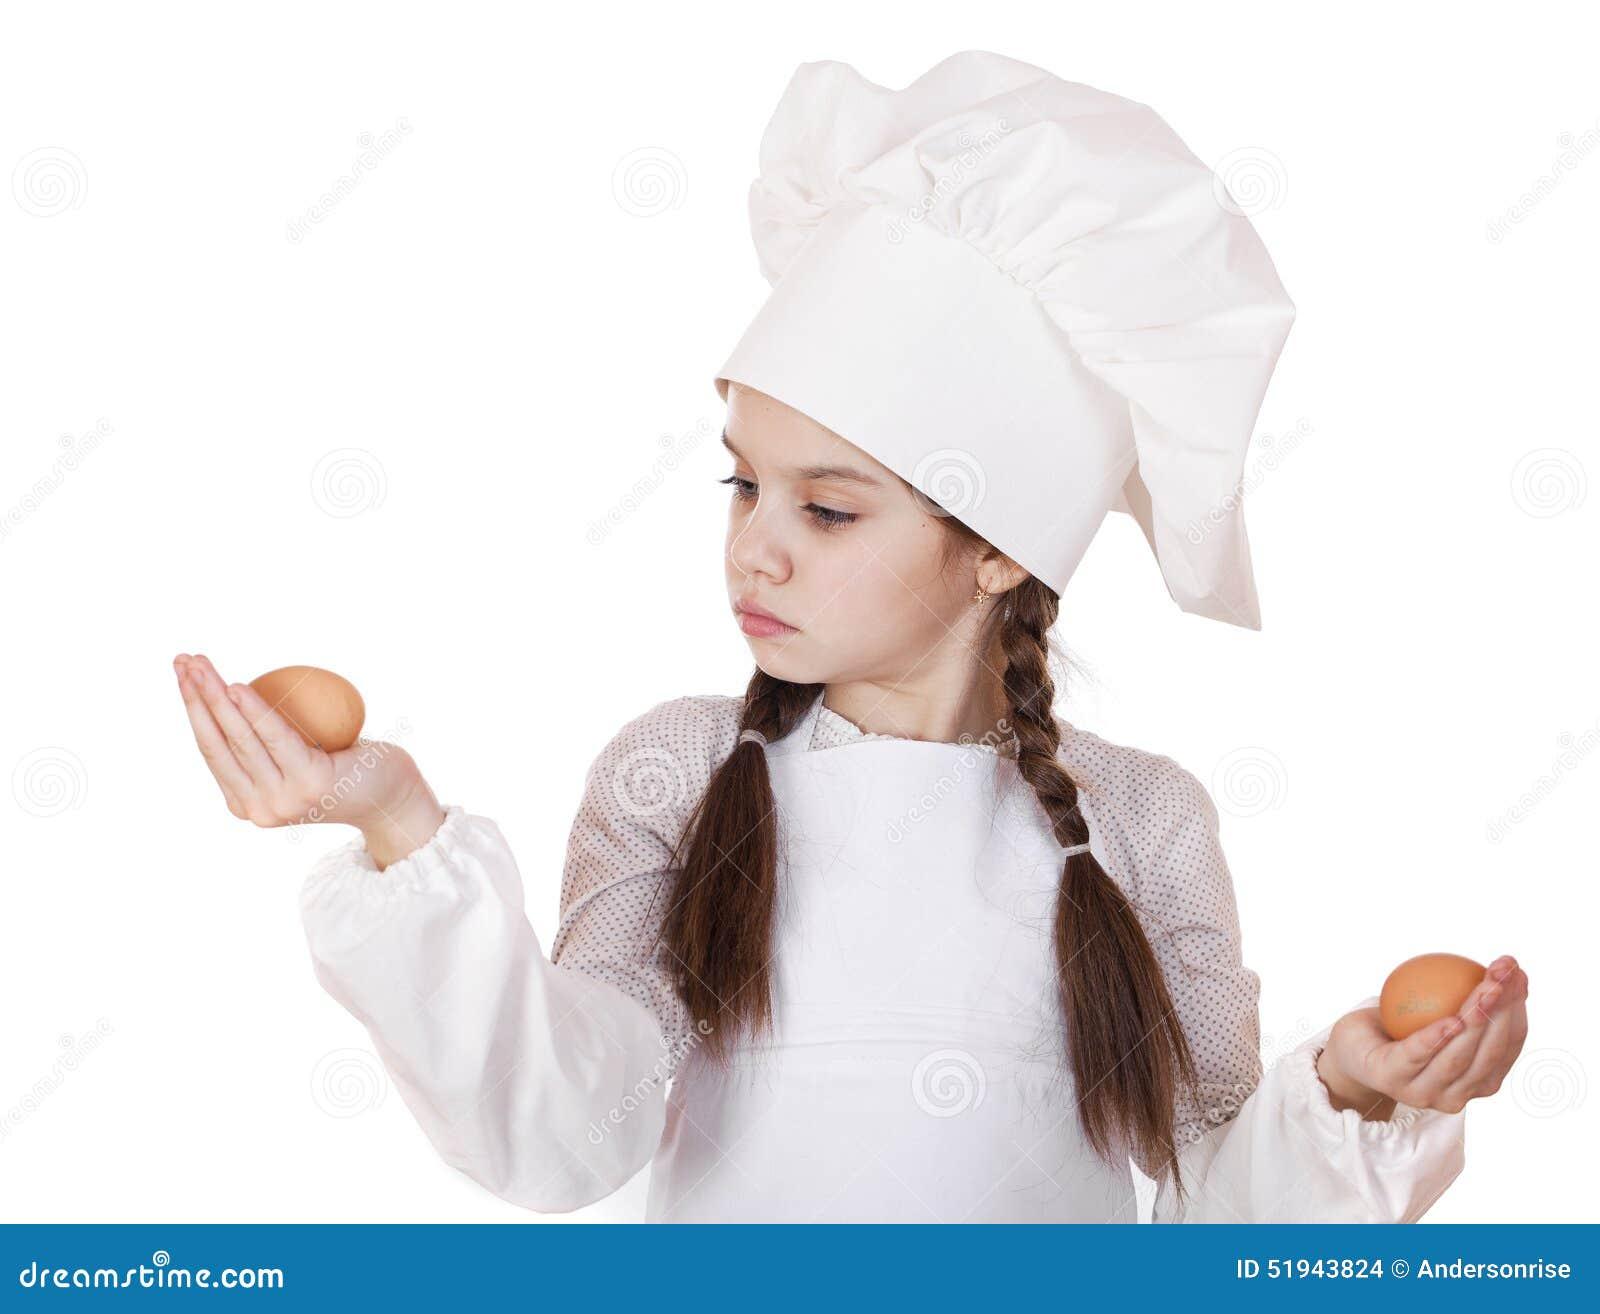 一个小女孩的画象拿着两个鸡鸡蛋的一条白色围裙的,隔绝在白色背景.图片